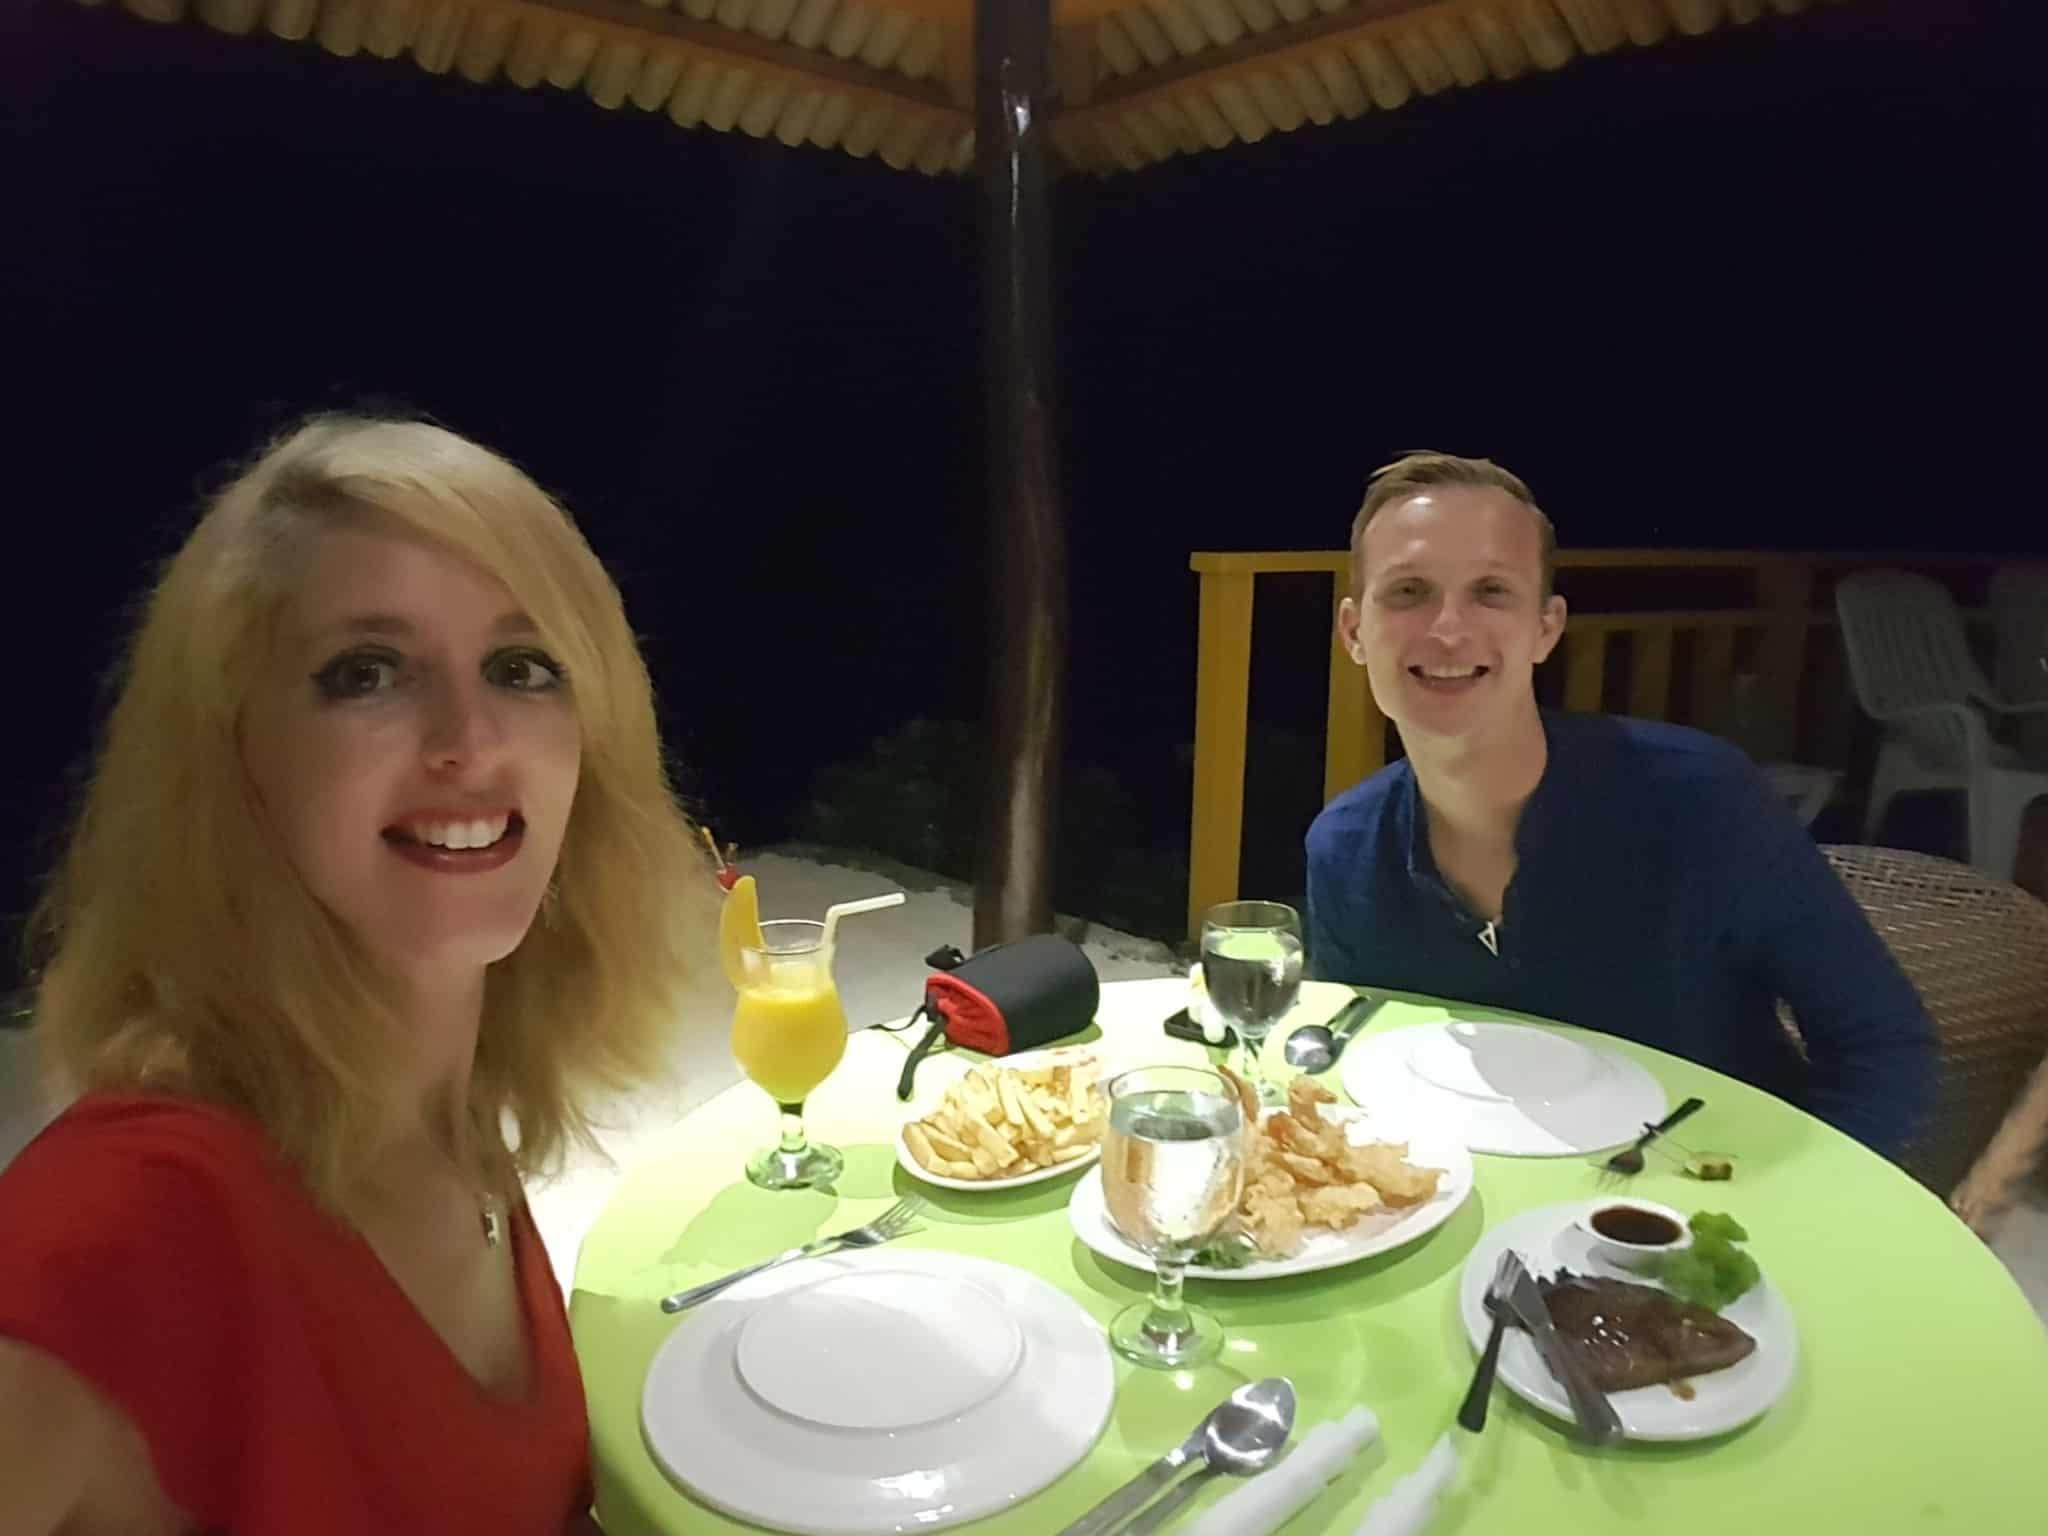 Philippines, un anniversaire romantique dans un hôtel de rêve 🧡 14